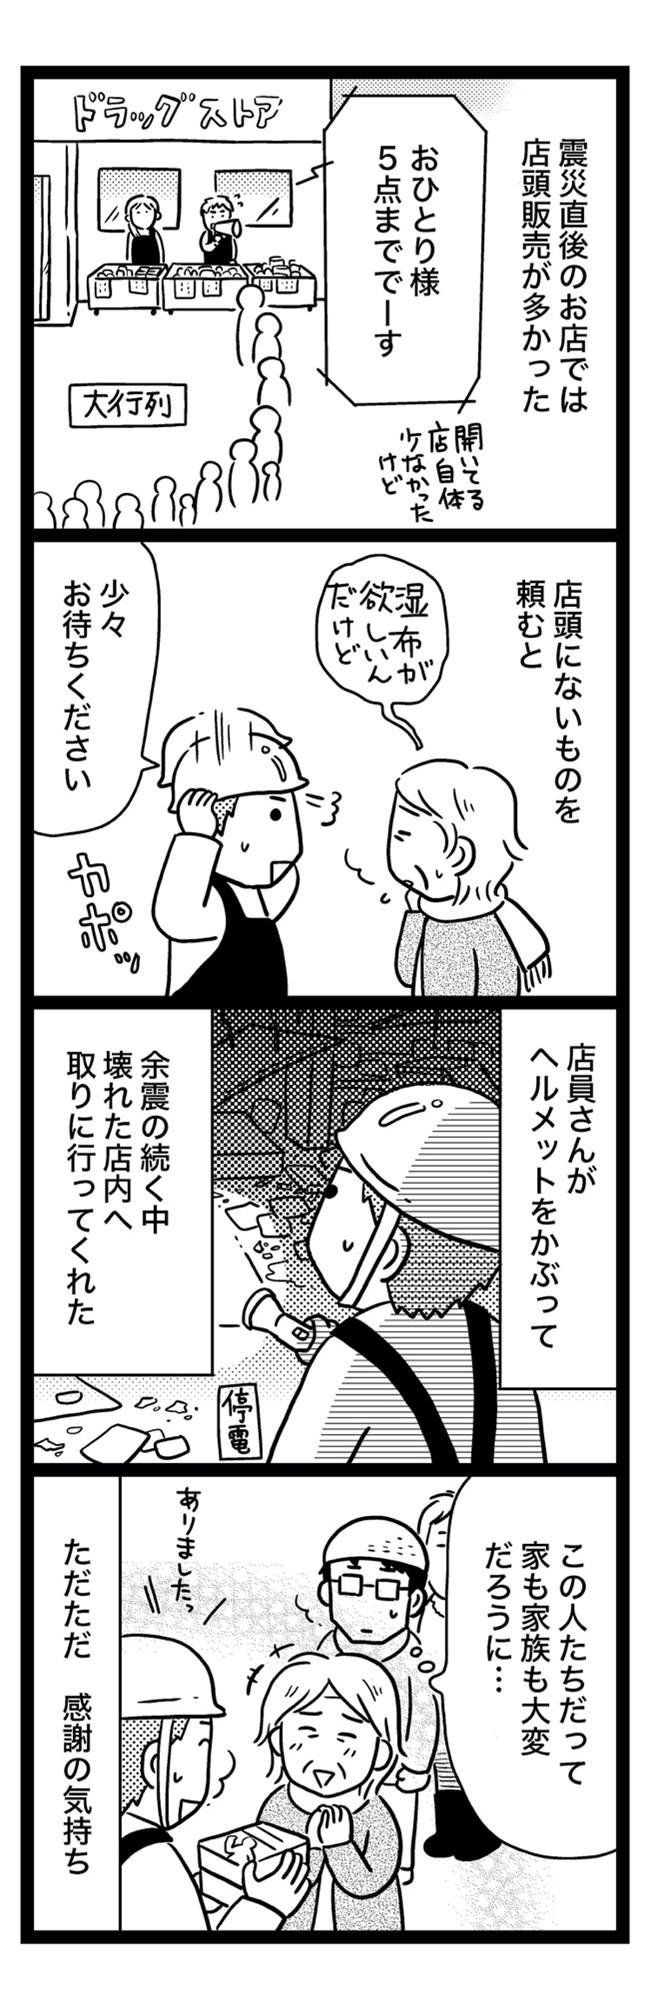 sinsai4-2